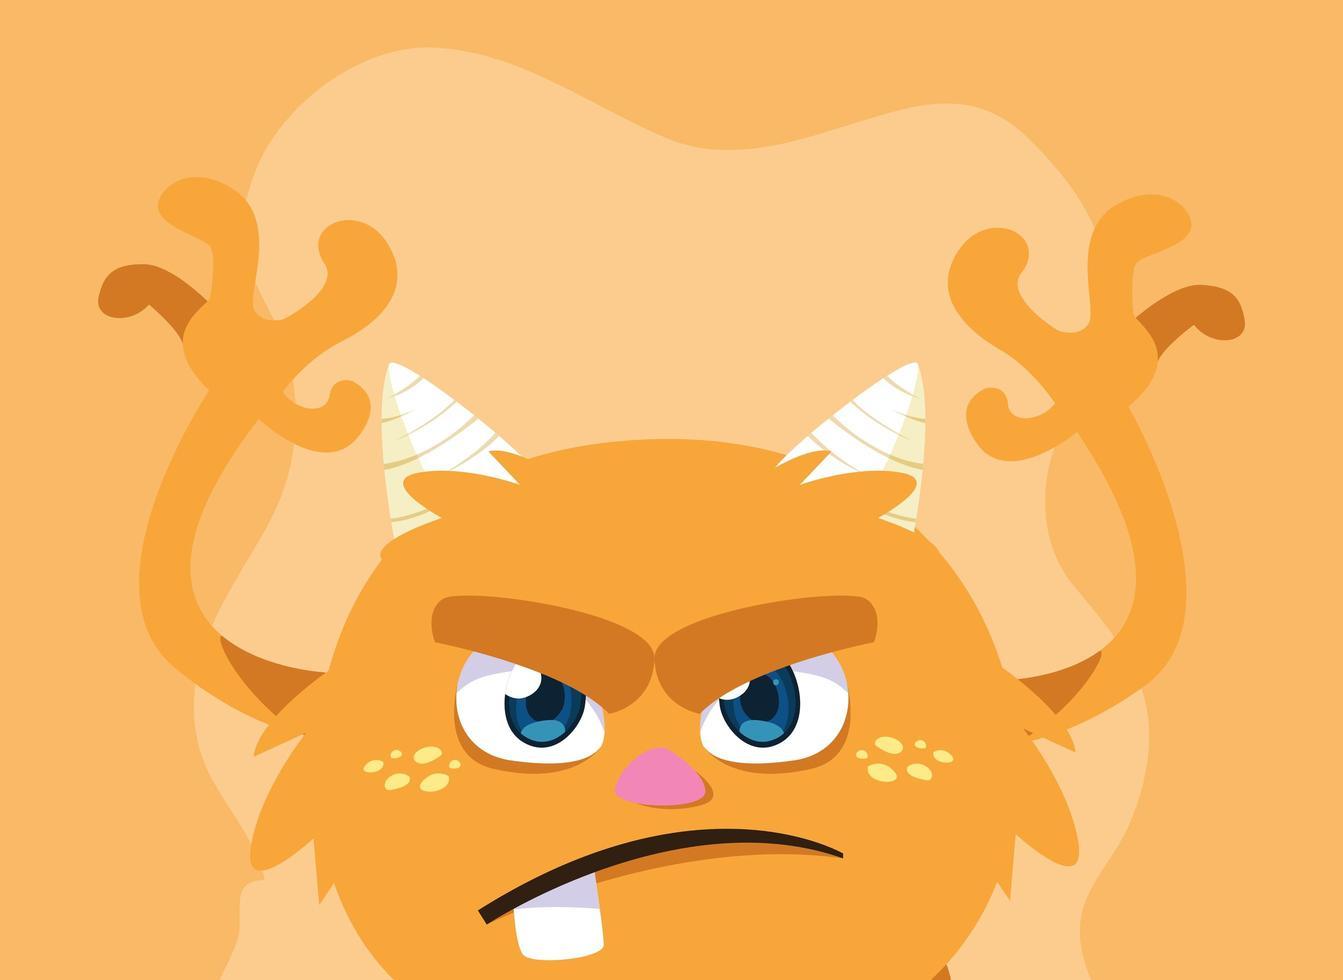 icône du design dessin animé monstre orange vecteur